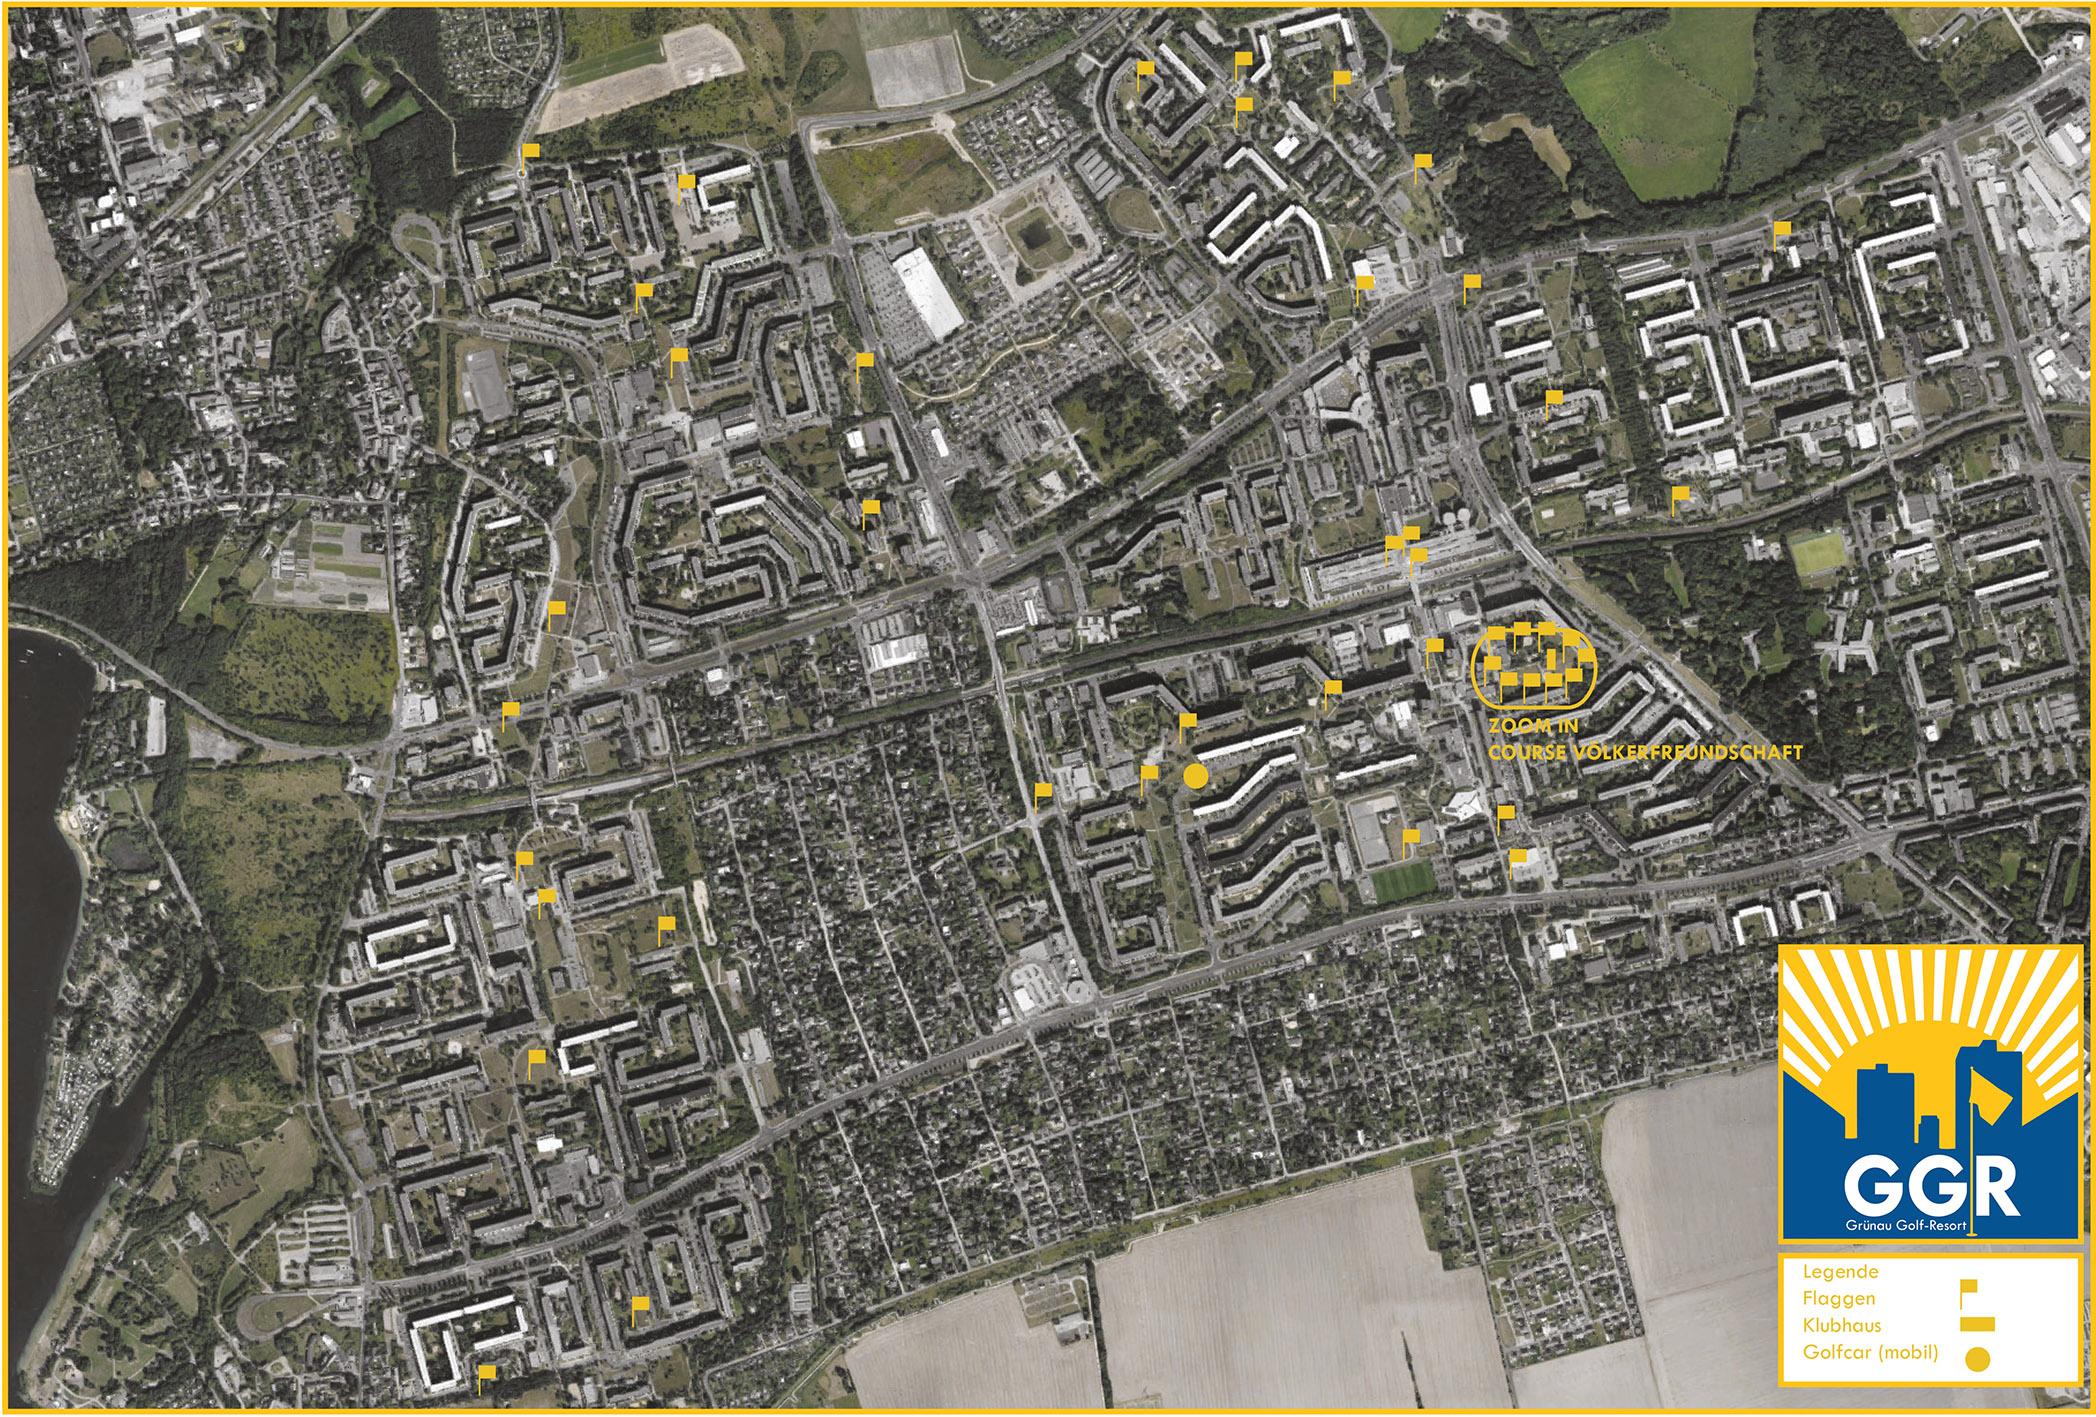 GGR_Karte Verortung Fahnen web